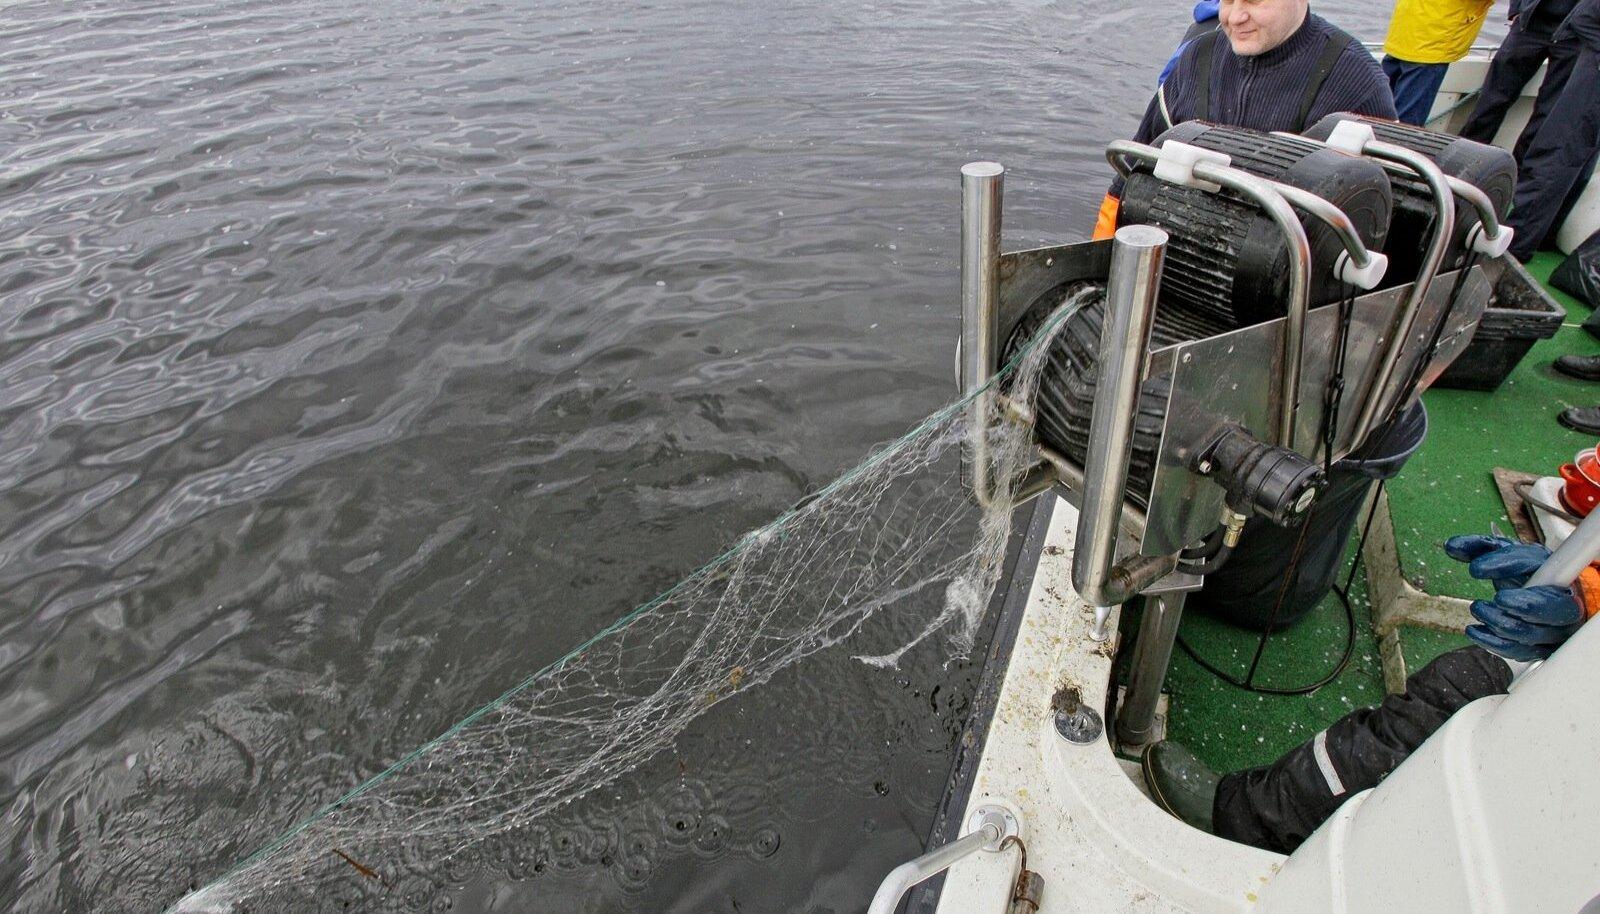 Keskkonnainspektorid on sunnitud veest välja tirima nn fantoomvõrke, millega ebaseaduslikku kalapüüki tehakse.